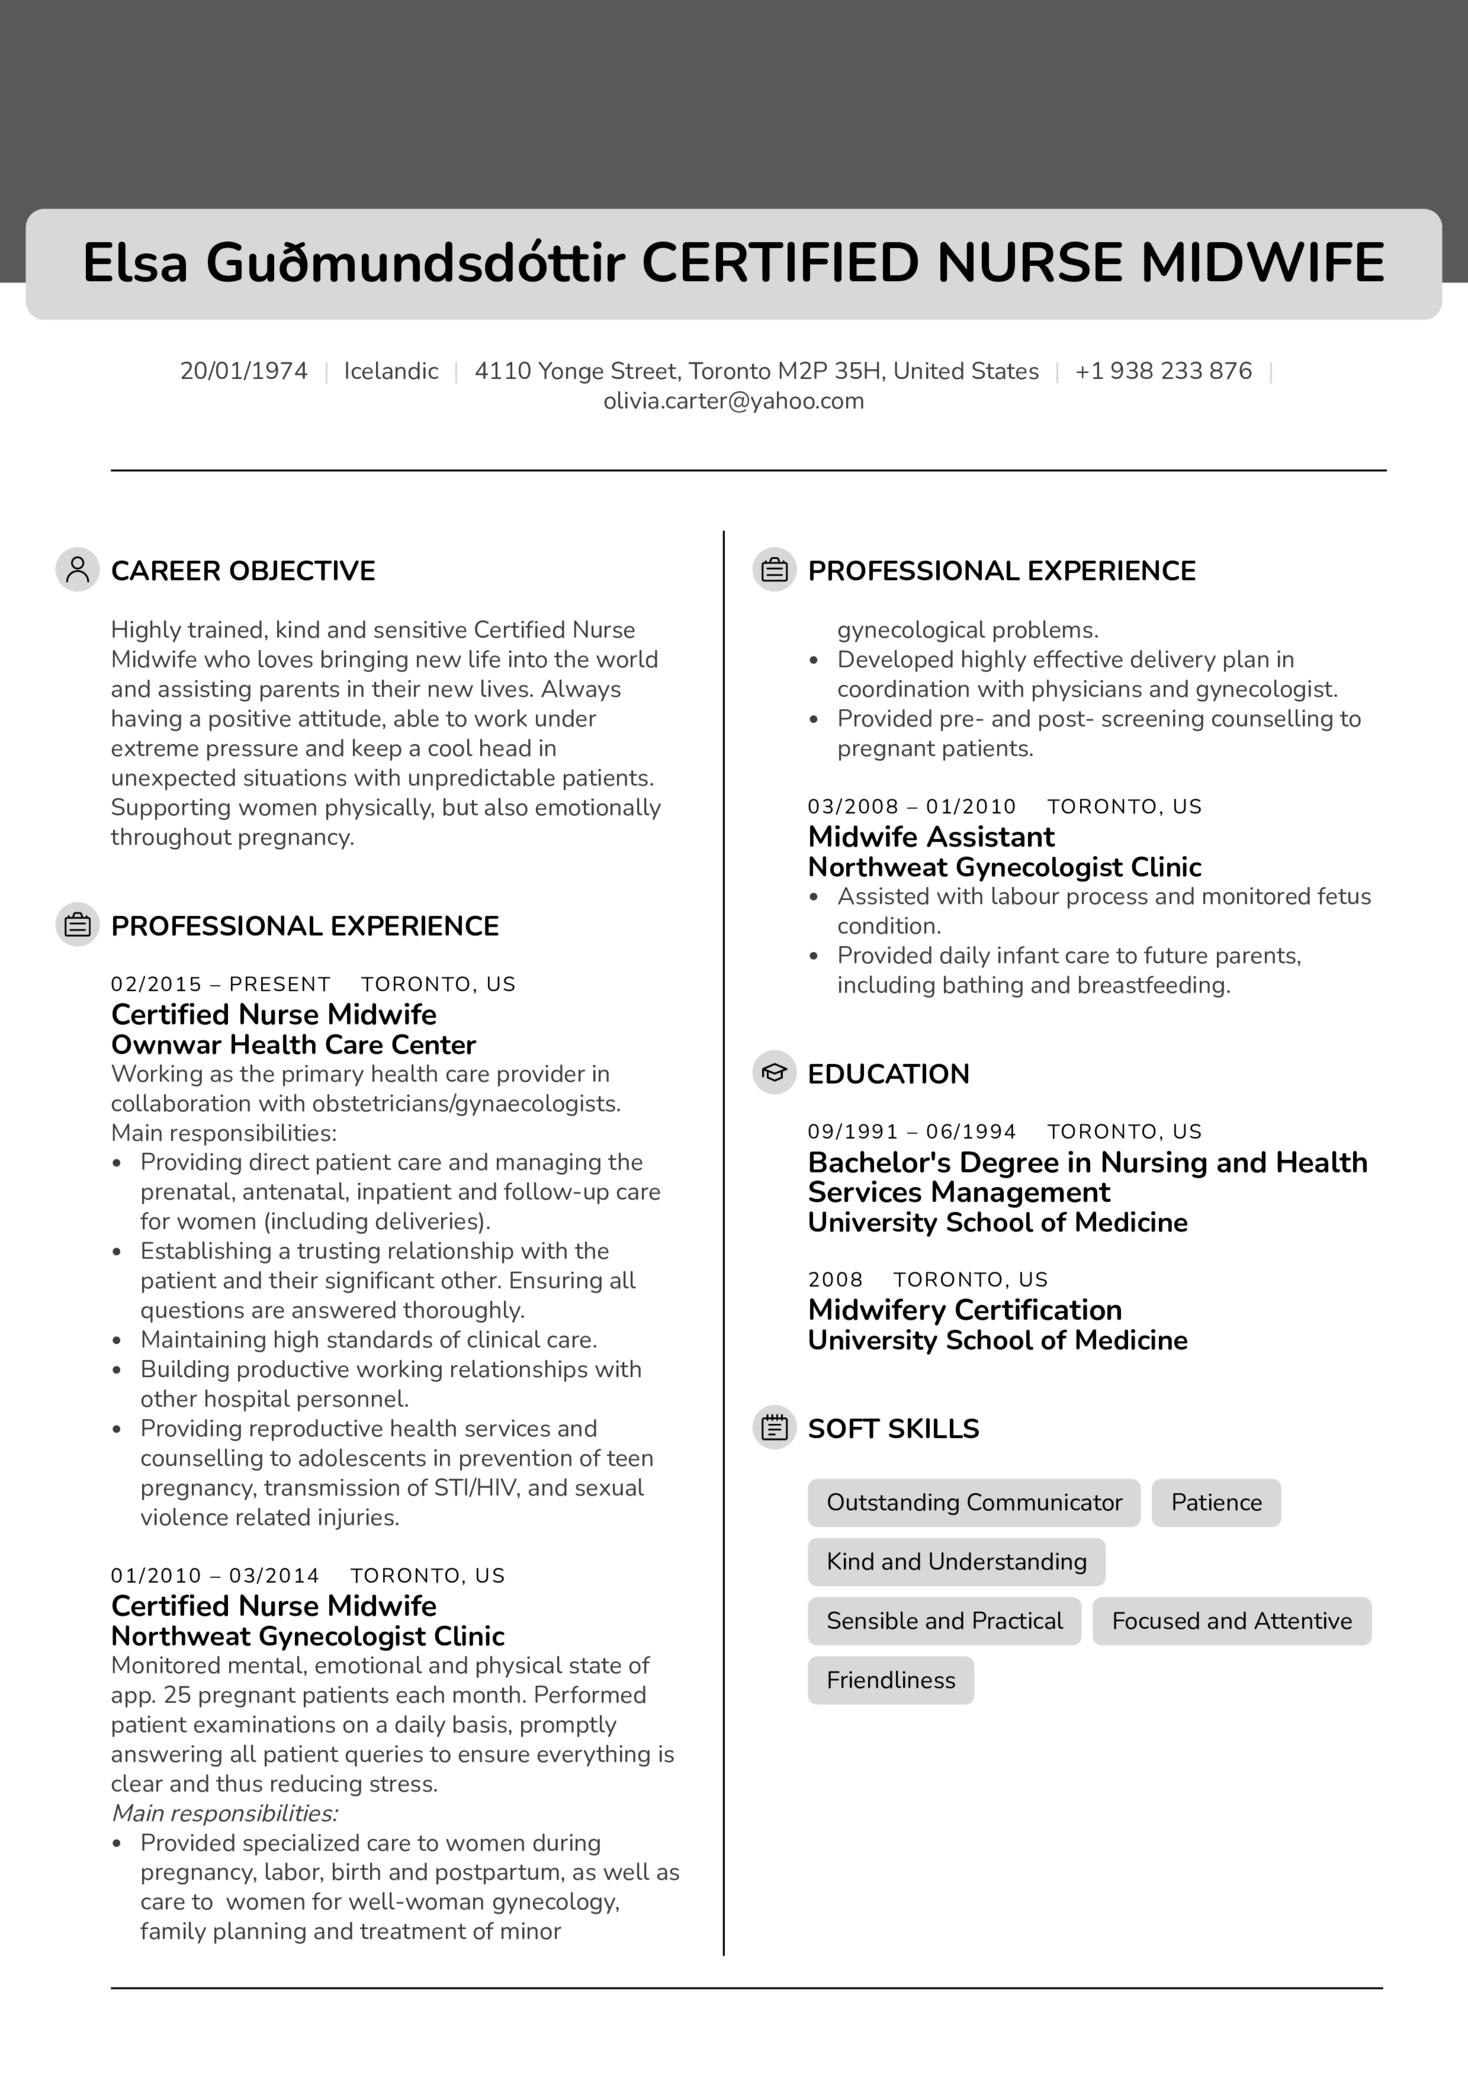 Certified Nurse Midwife Resume Sample (parte 1)